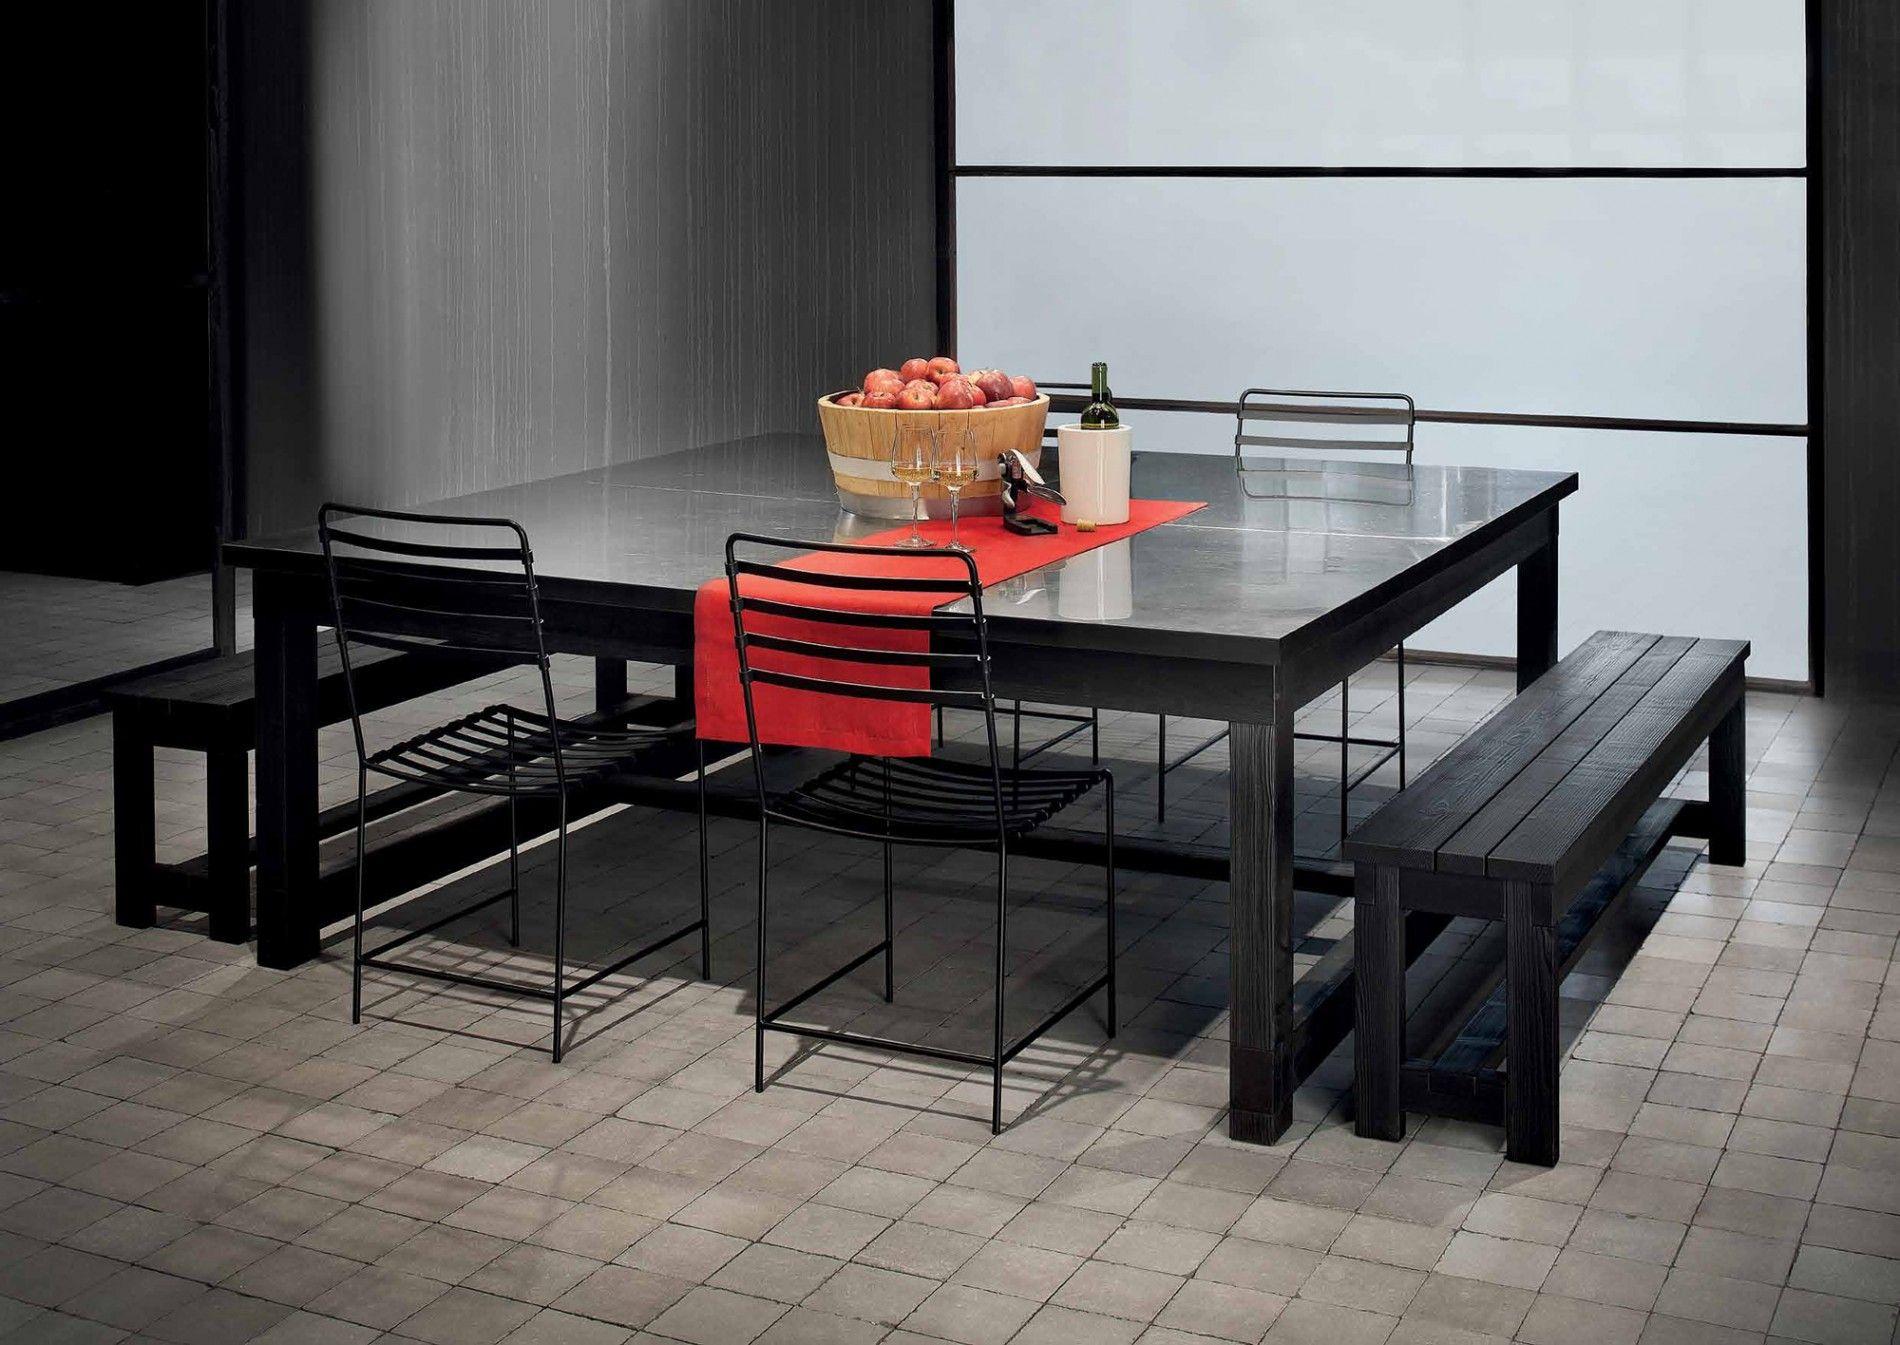 Frame tavolo di minacciolo lartdevivre arredamento for Arredamento outdoor online